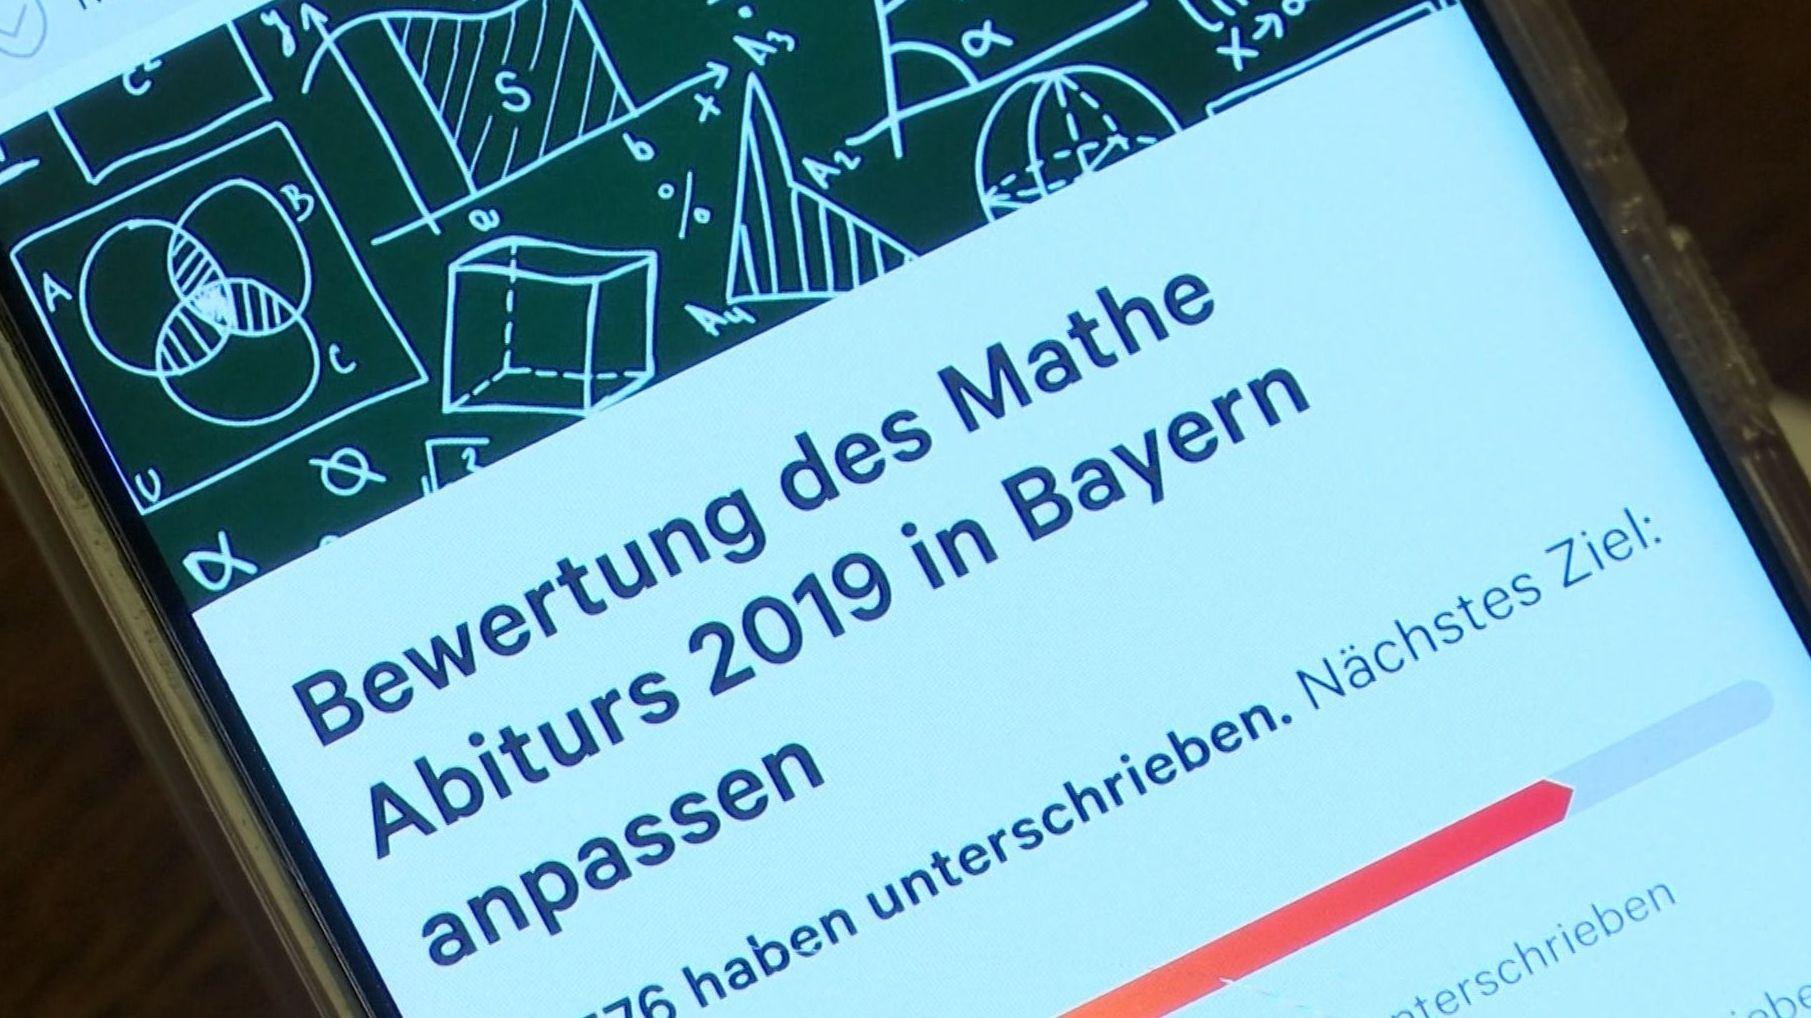 Petition zur Anpassung der Bewertung des Mathe-Abis 2019 in Bayern